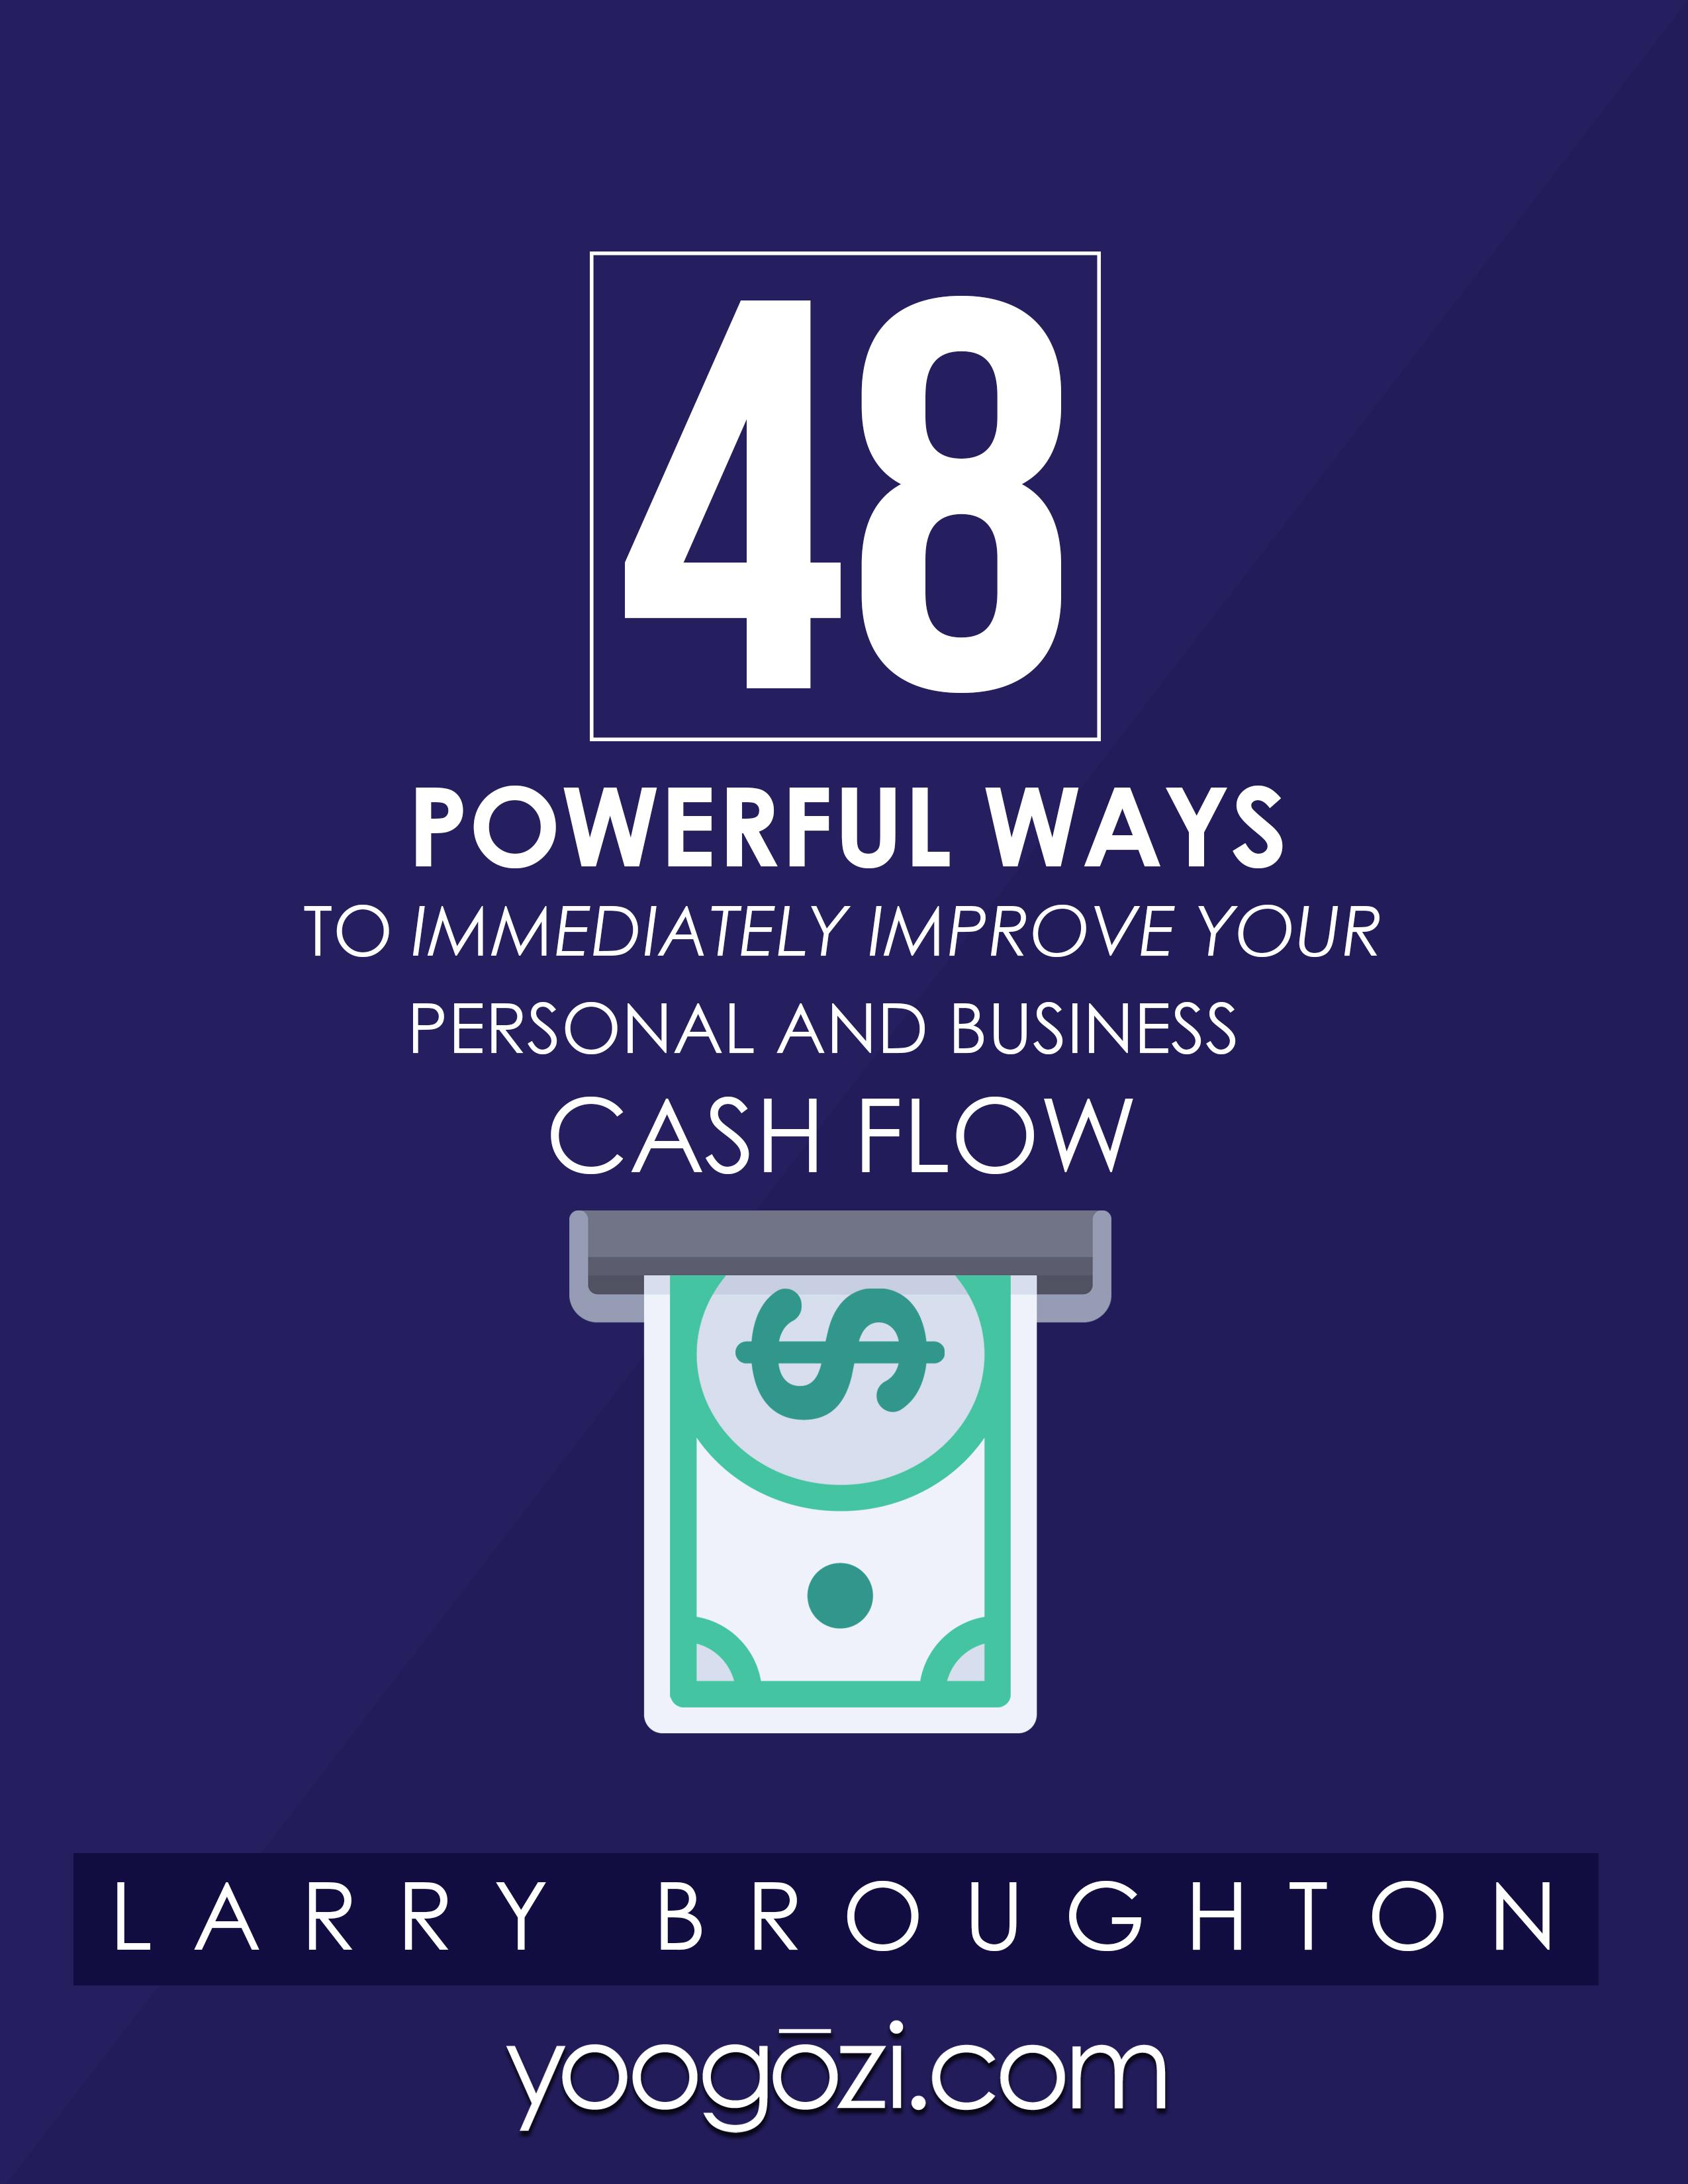 48 Powerful Ways to Improve Cash Flow